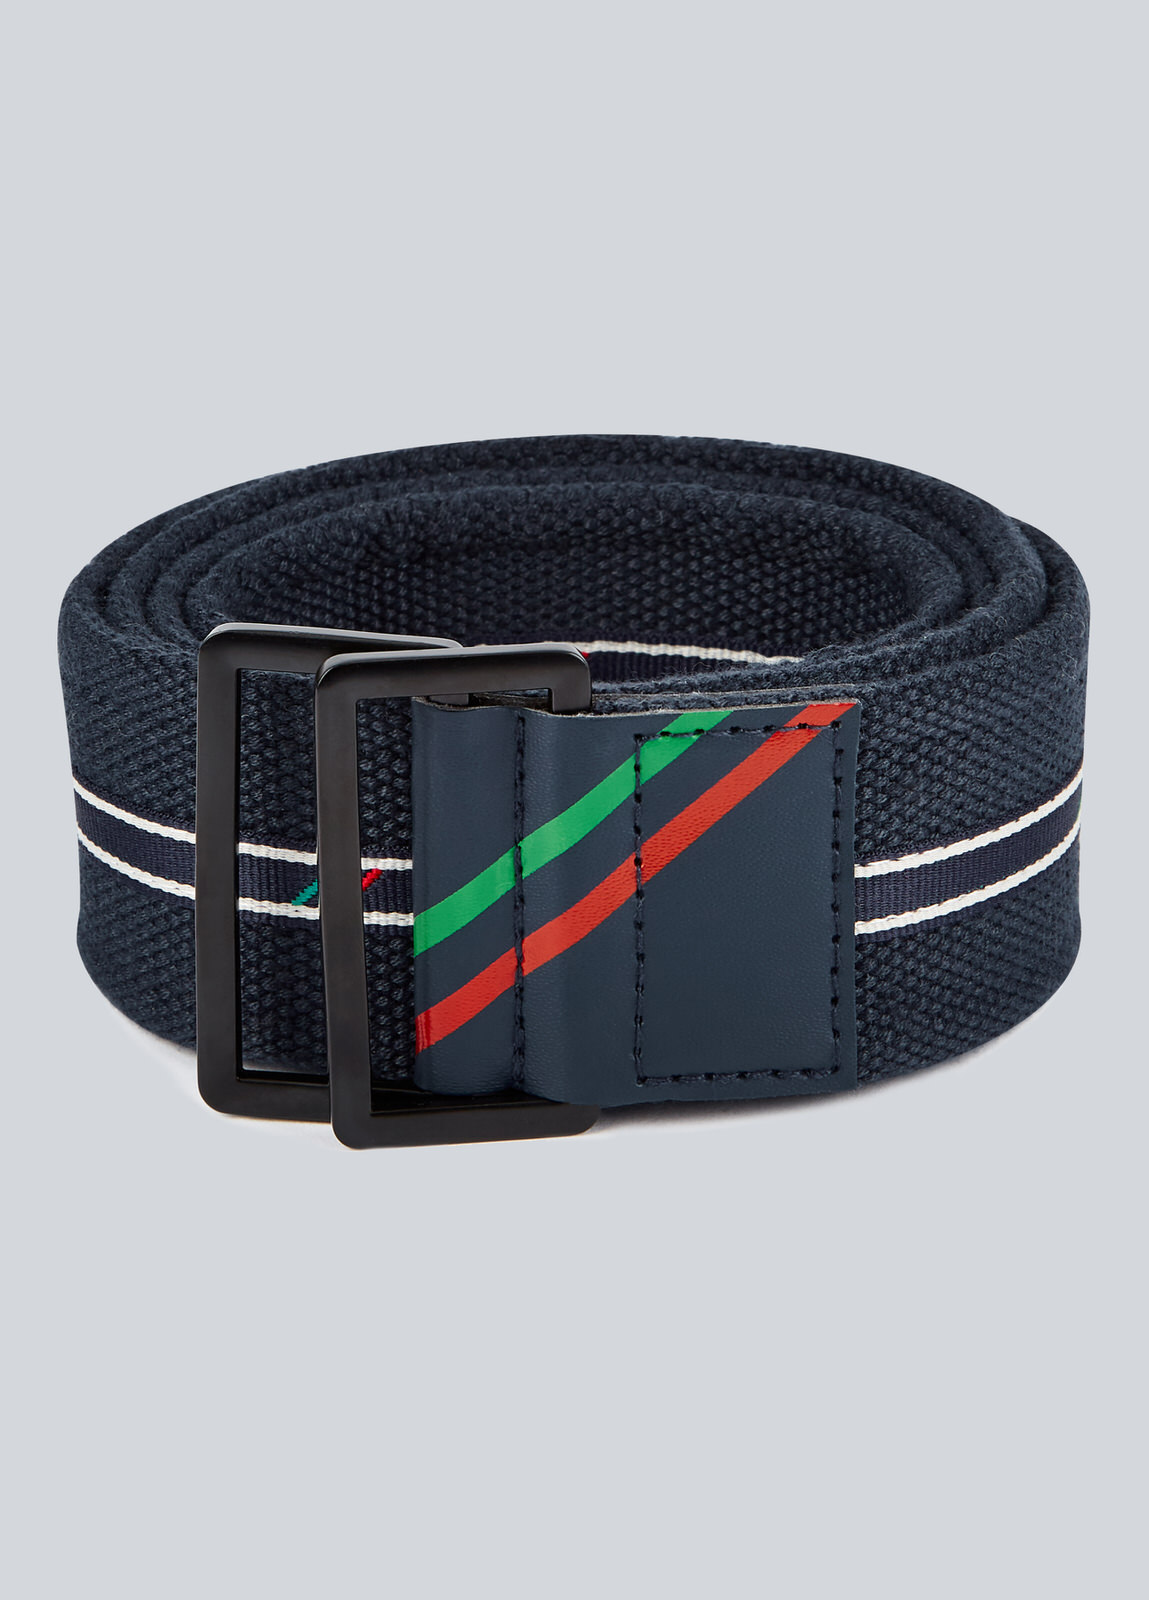 Cavallo Woven Belt - Navy